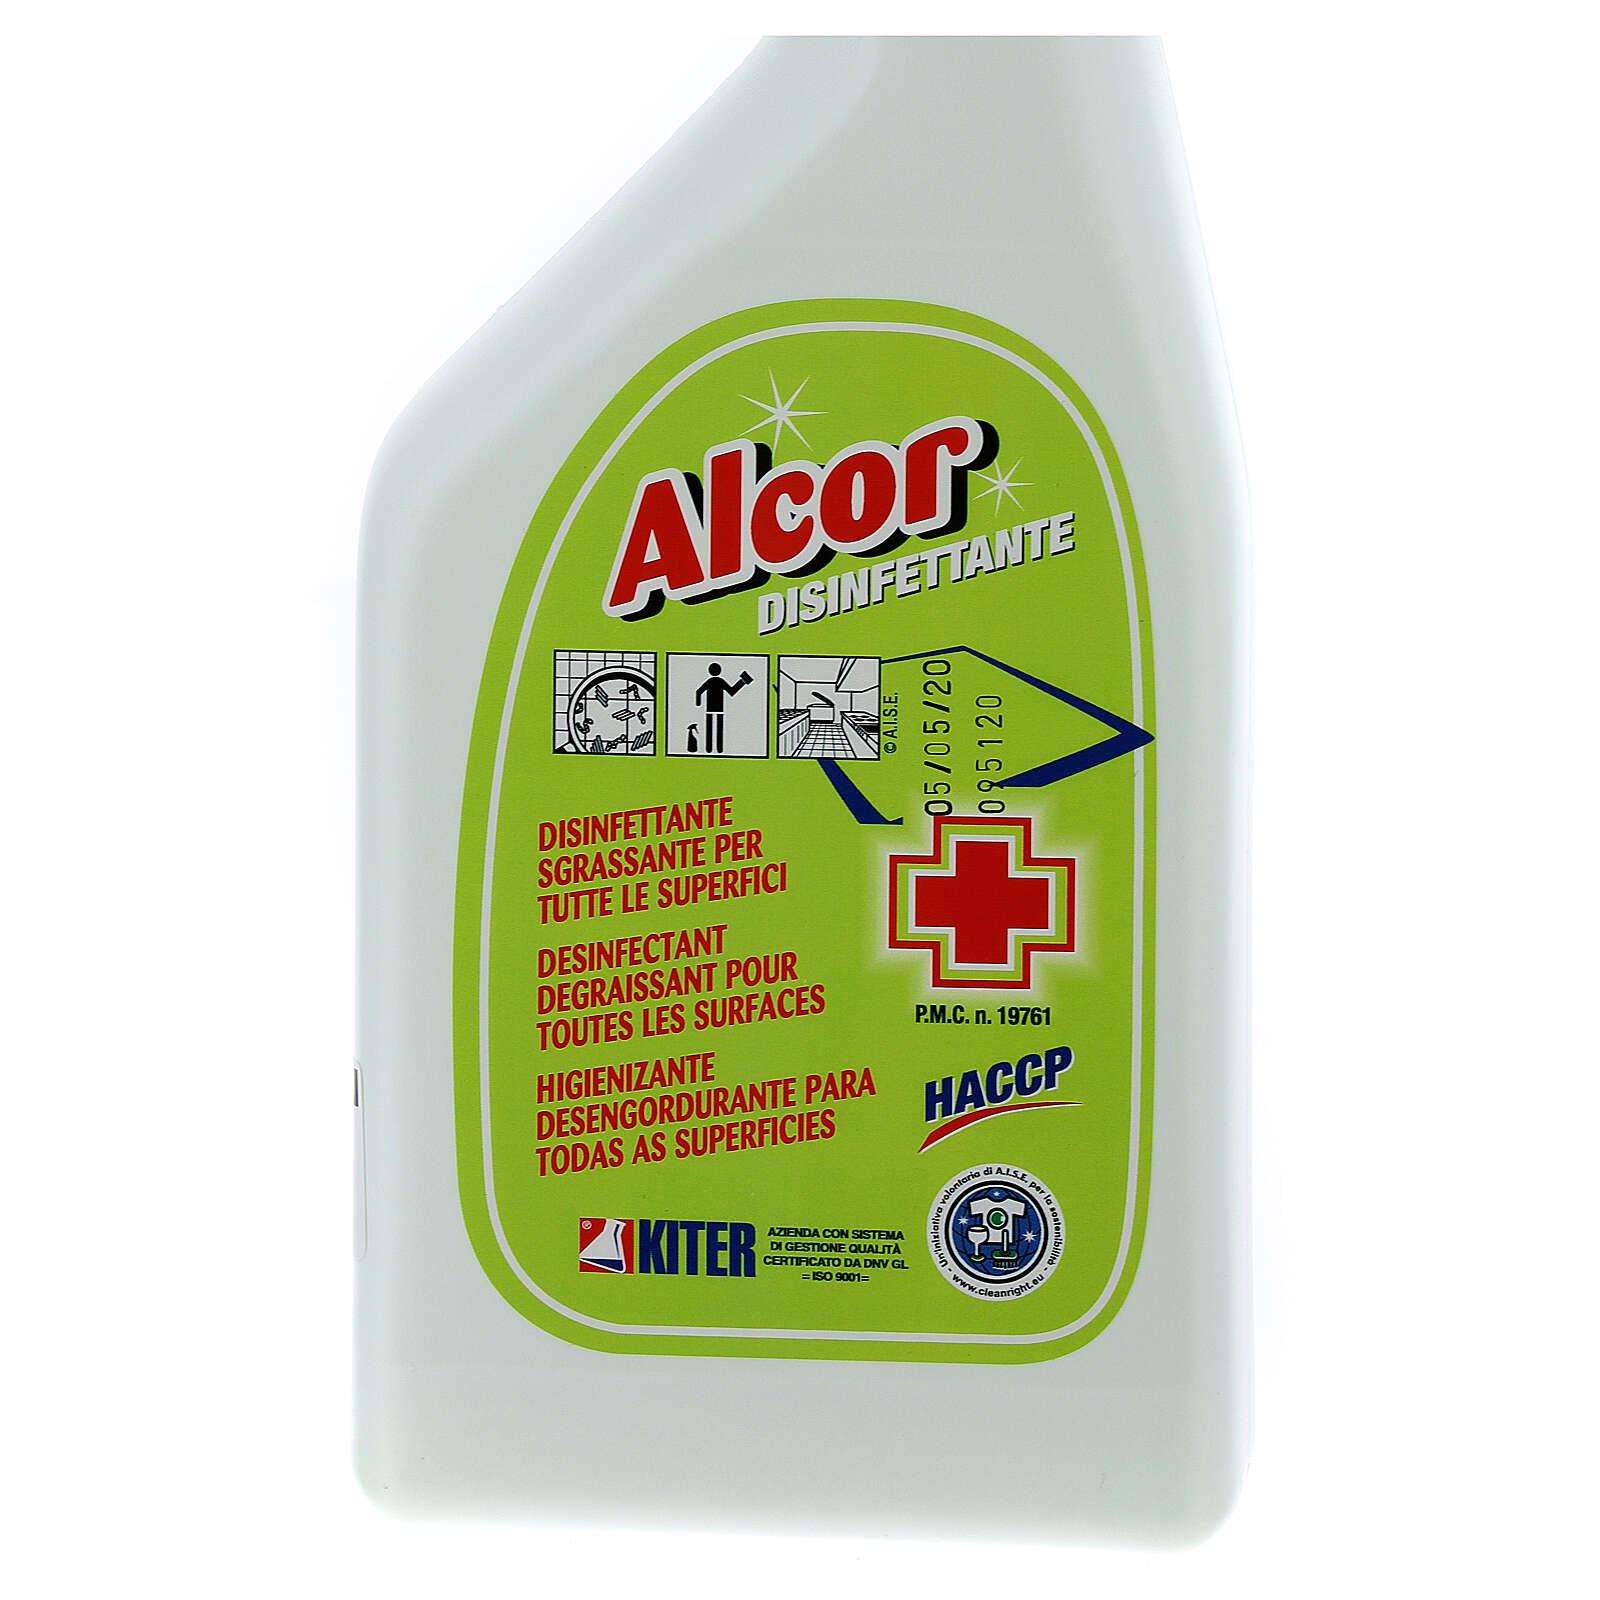 Disinfettante Spray professionale Alcor 750 ml 3